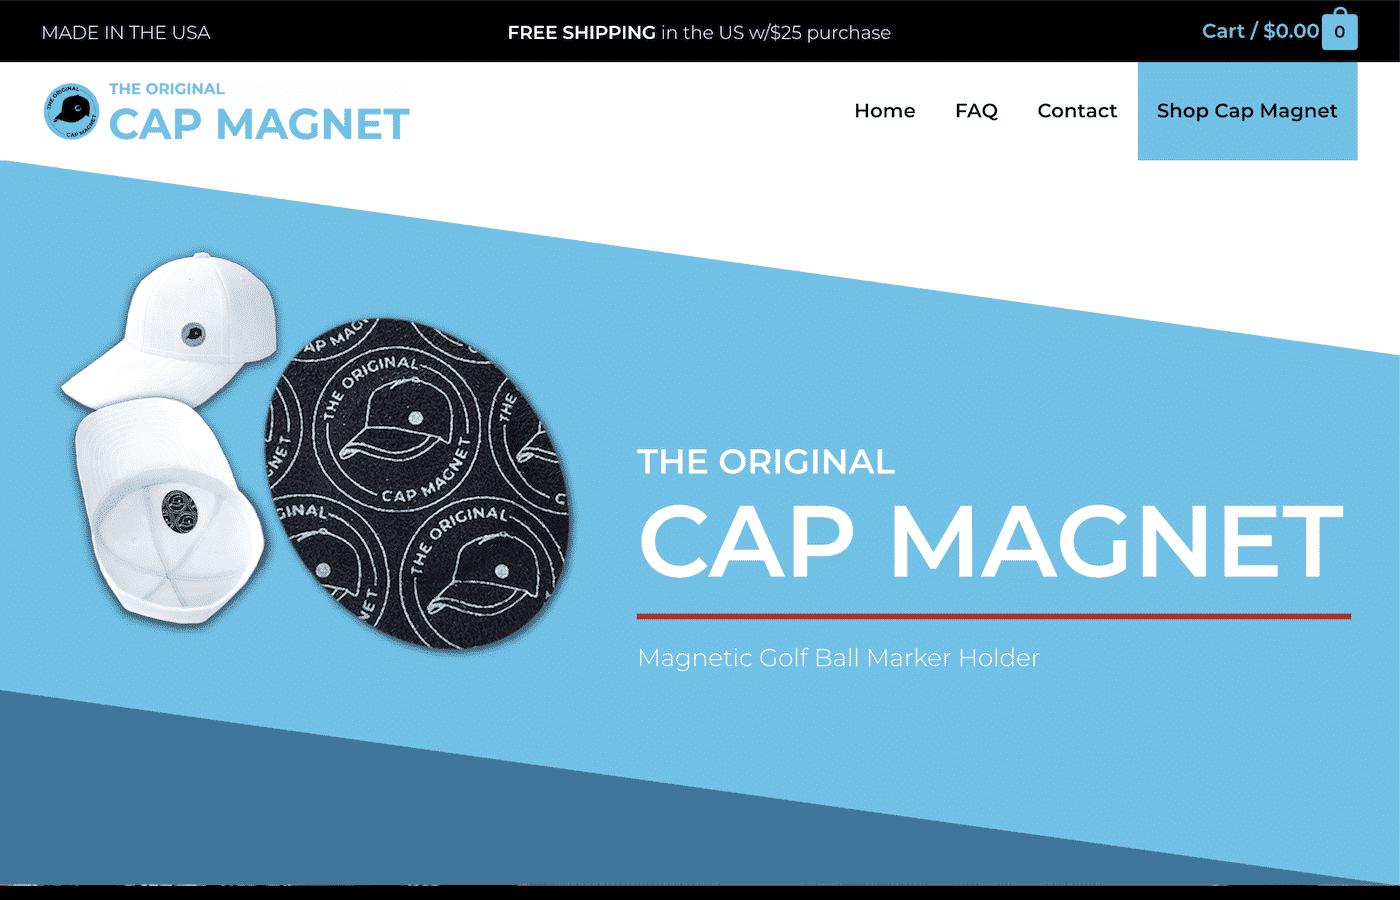 CapMagnet.com was designed by Digital Executrix